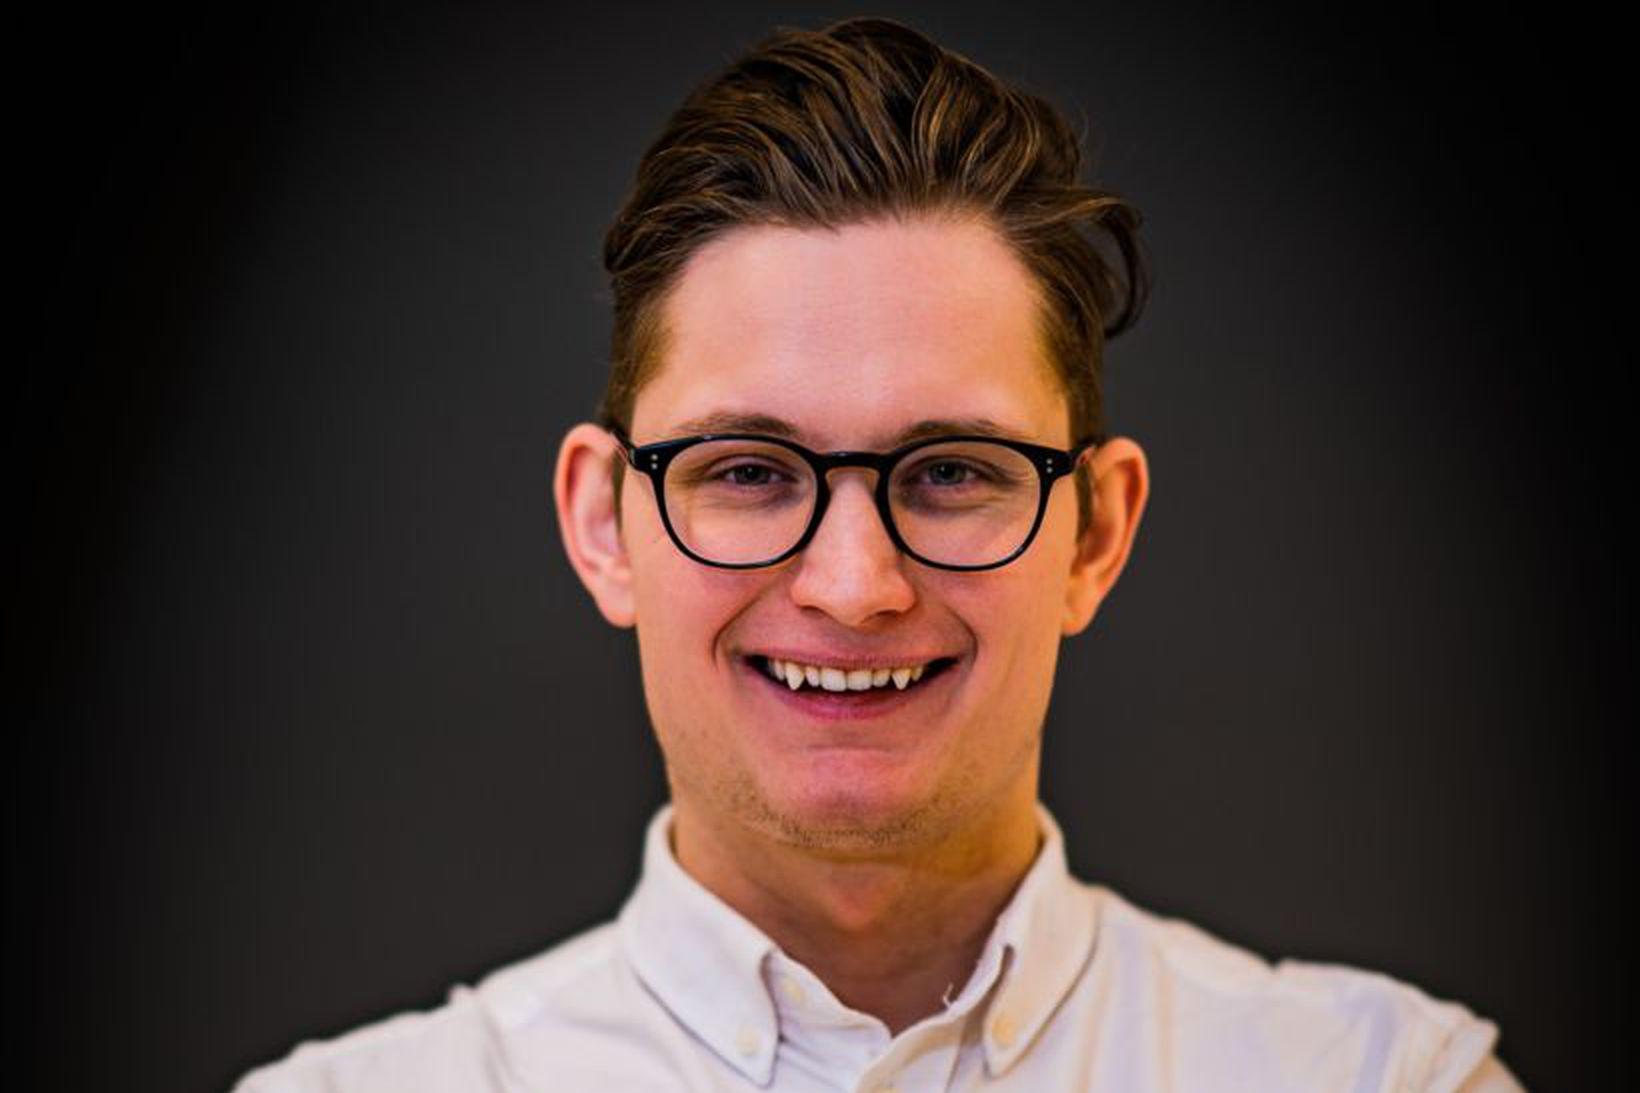 Stefán Atli Rúnarsson hefur verið ráðinn sem sérfræðingur á markaðssviði …